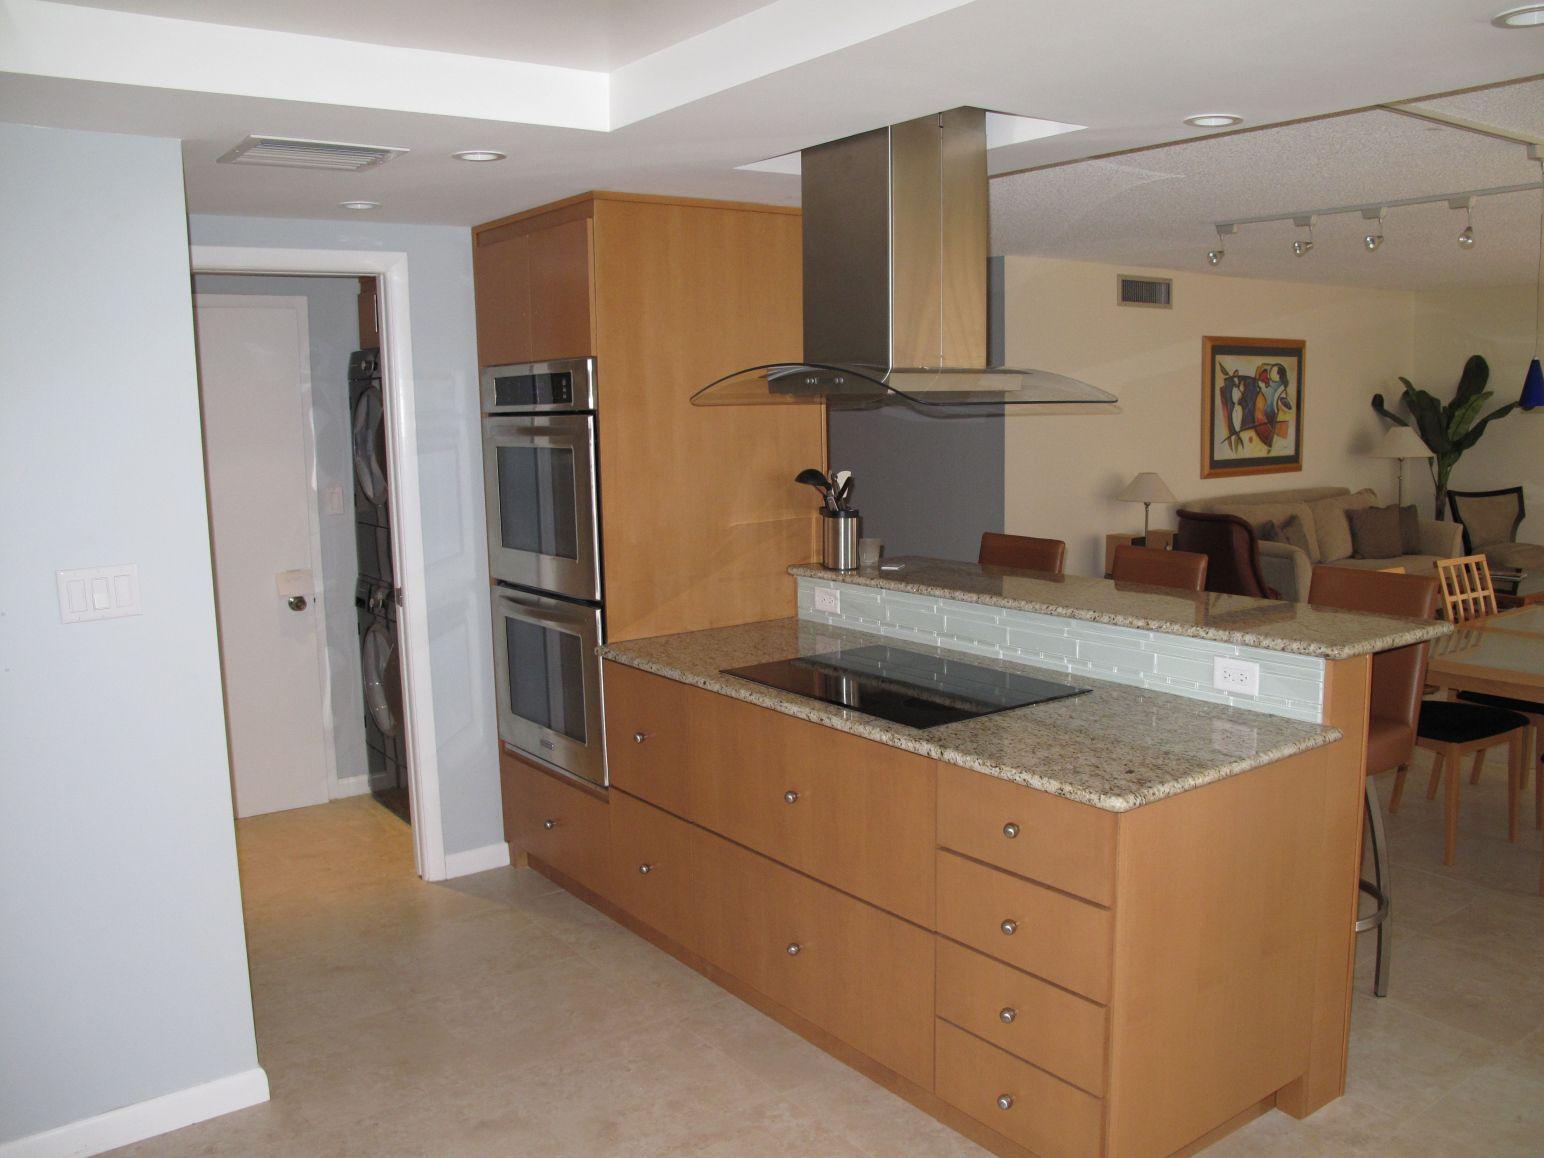 Lauderdale Kitchen Design G Houzz Com Miami By DKOR Interiors ...